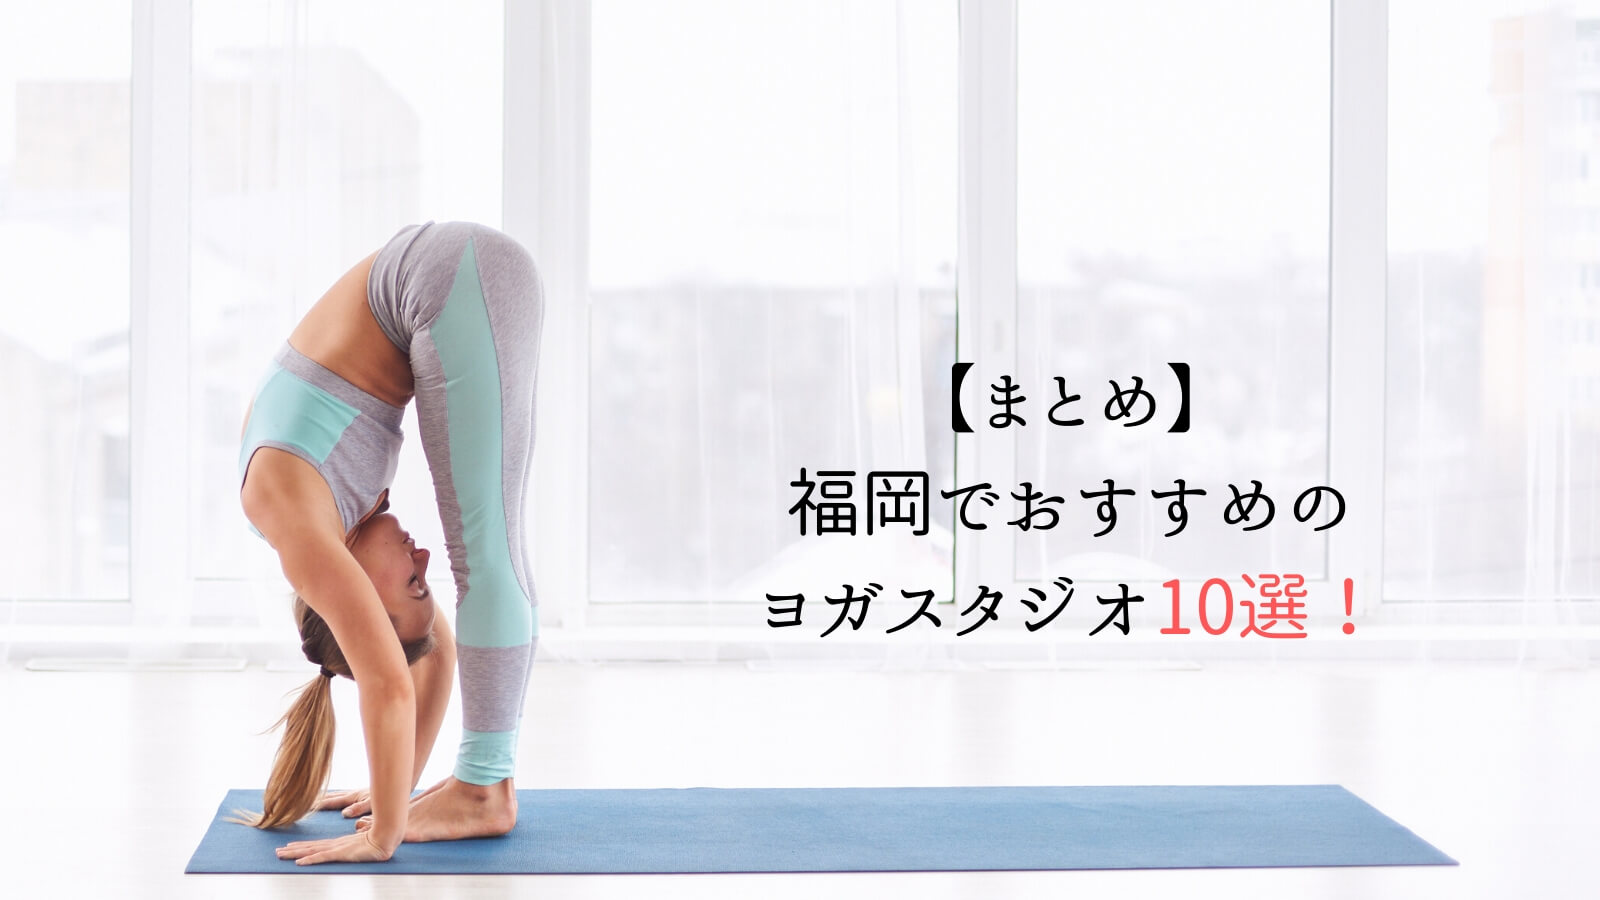 【まとめ】福岡でおすすめのヨガスタジオ10選!